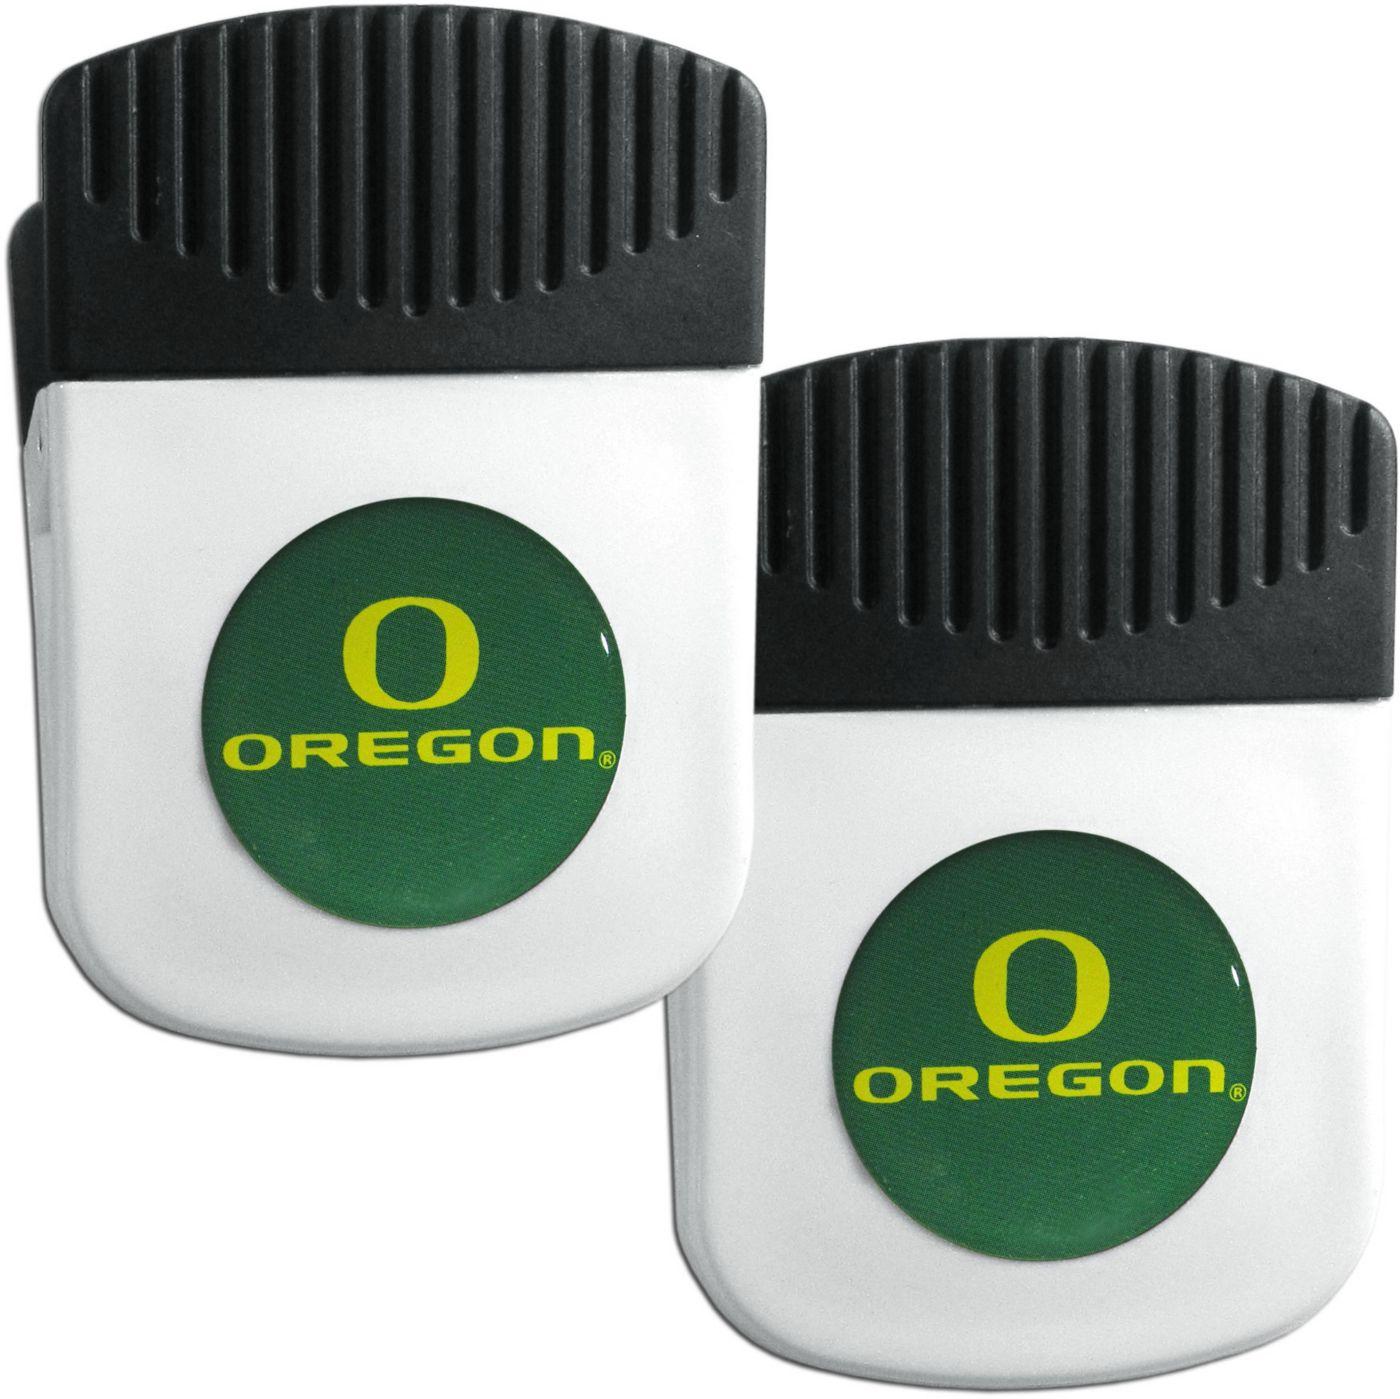 Oregon Ducks Chip Clip Magnet and Bottle Opener 2 Pack